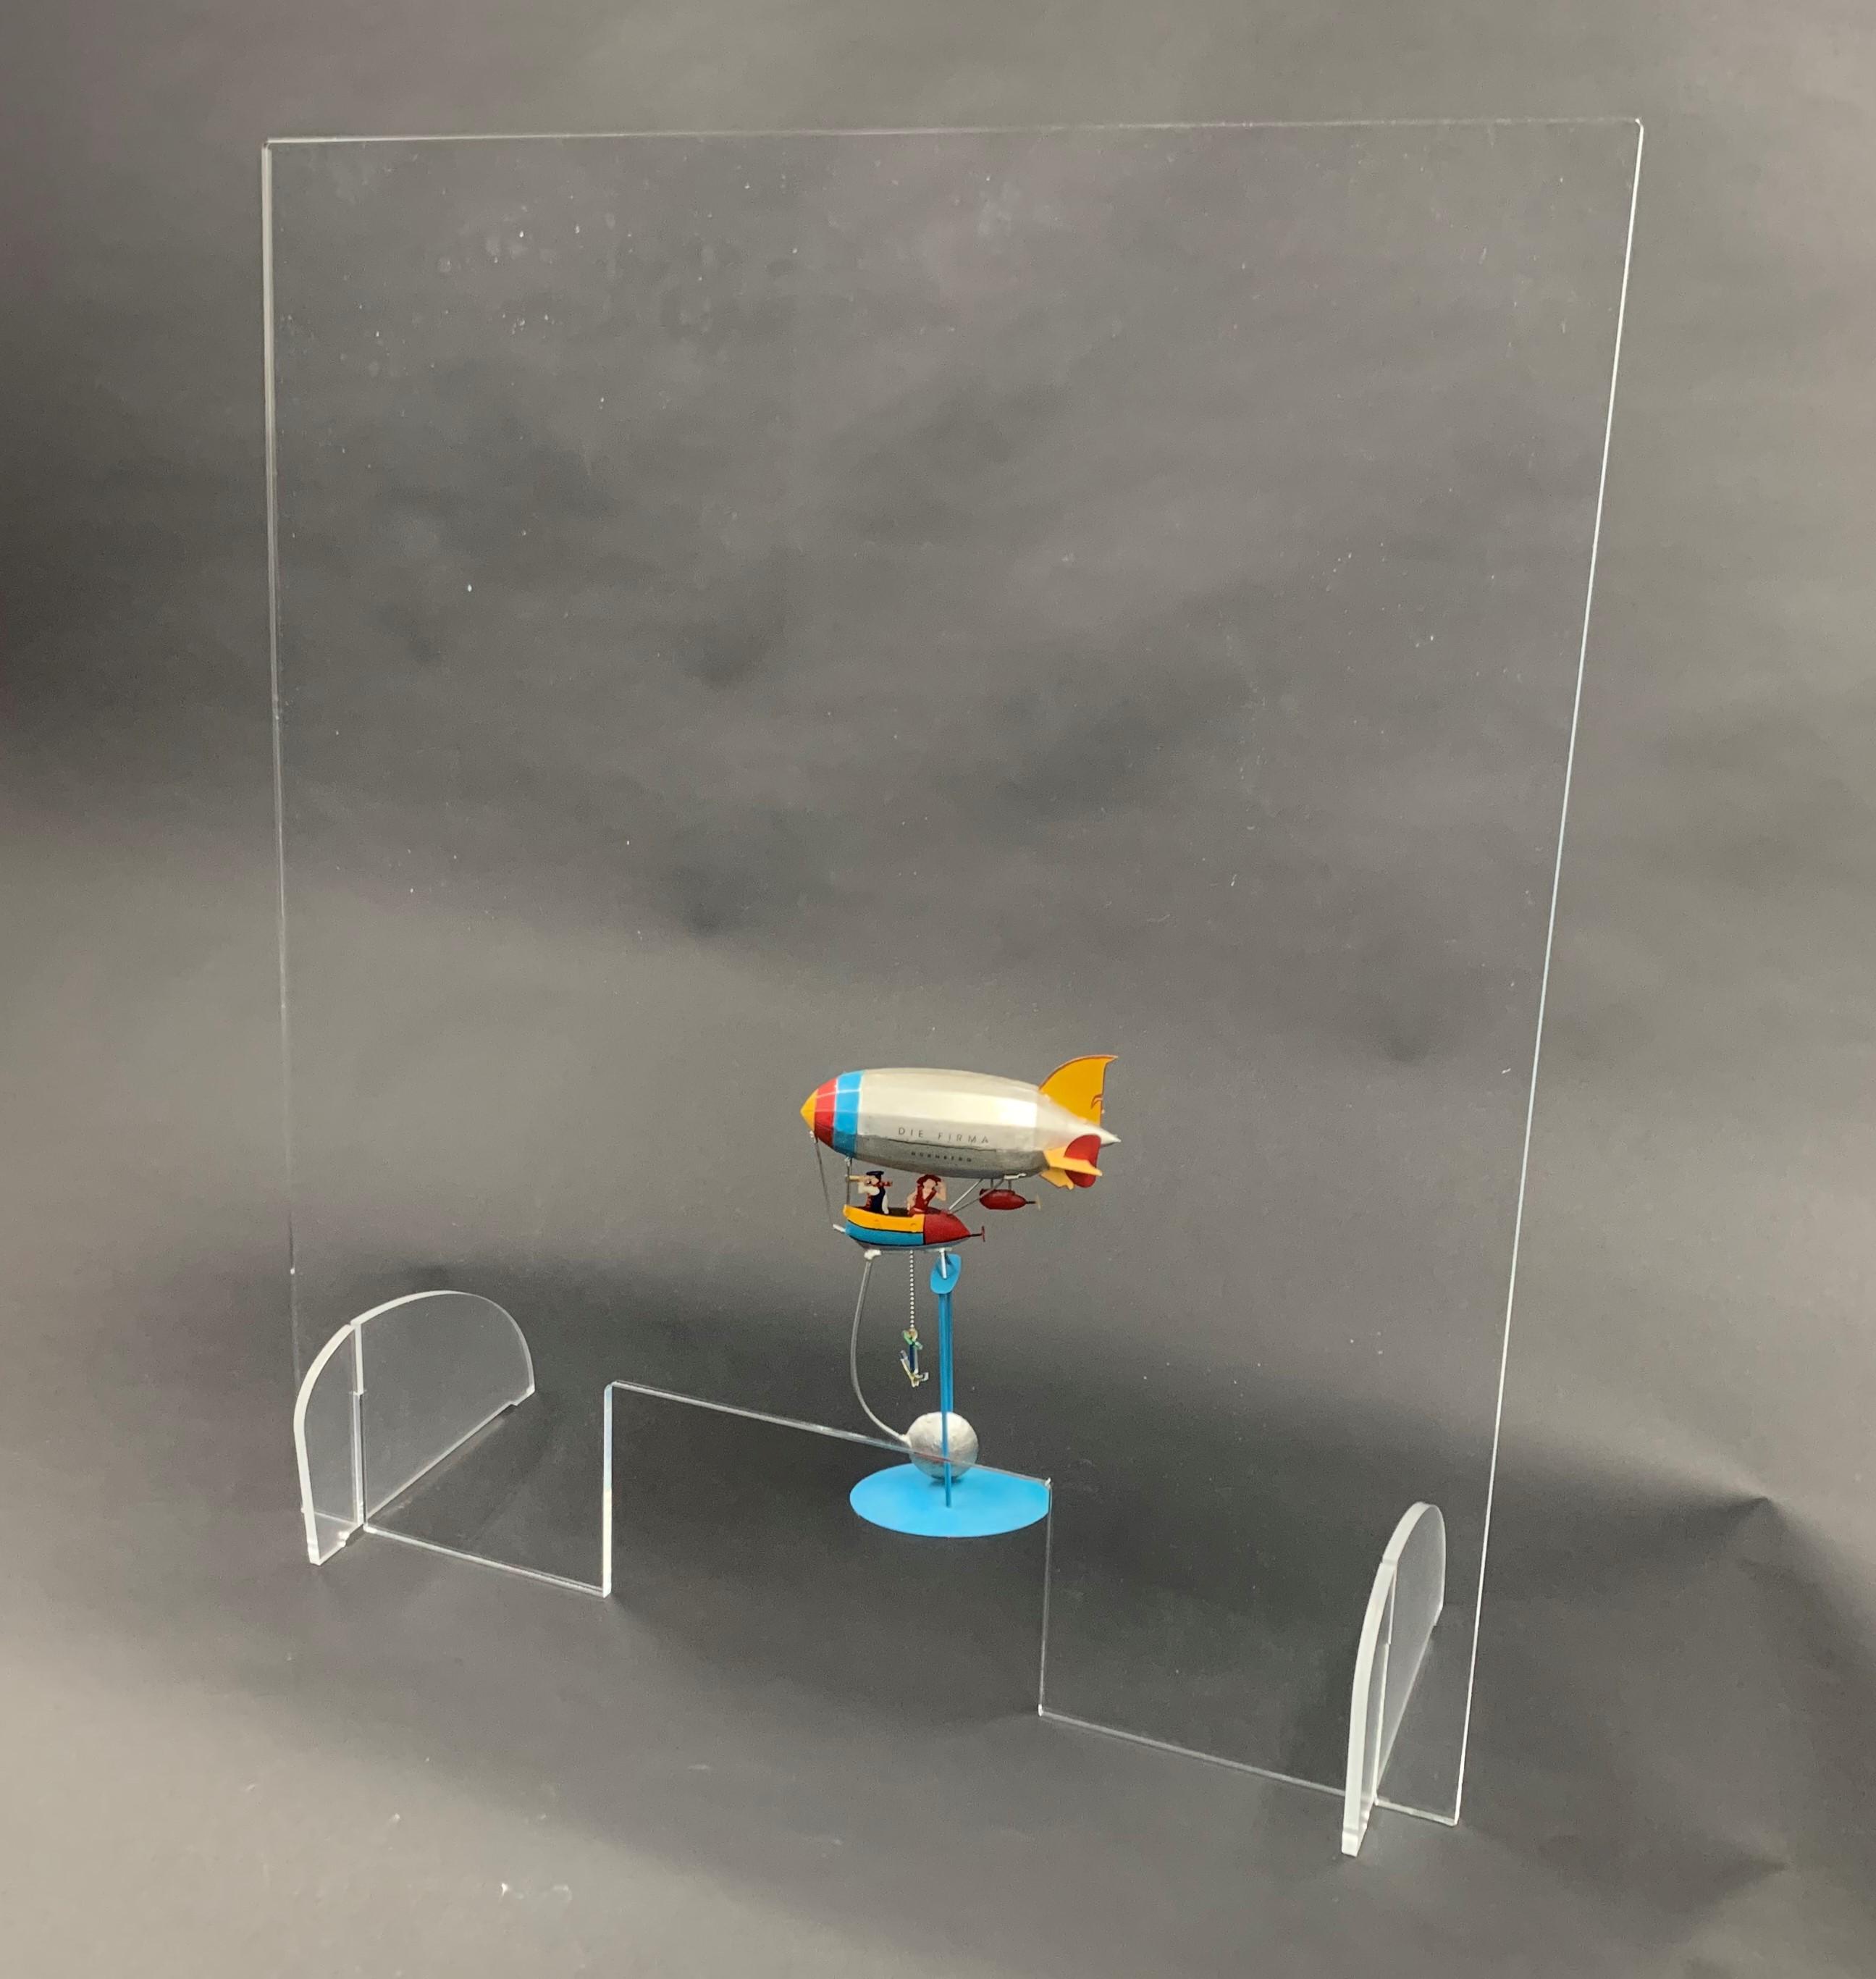 Spuckschutz 800x900mm (bxh) Aufsteller steckbar (Werkzeuglose Montage), inkl. Durchreiche 300x150mm (bxh)